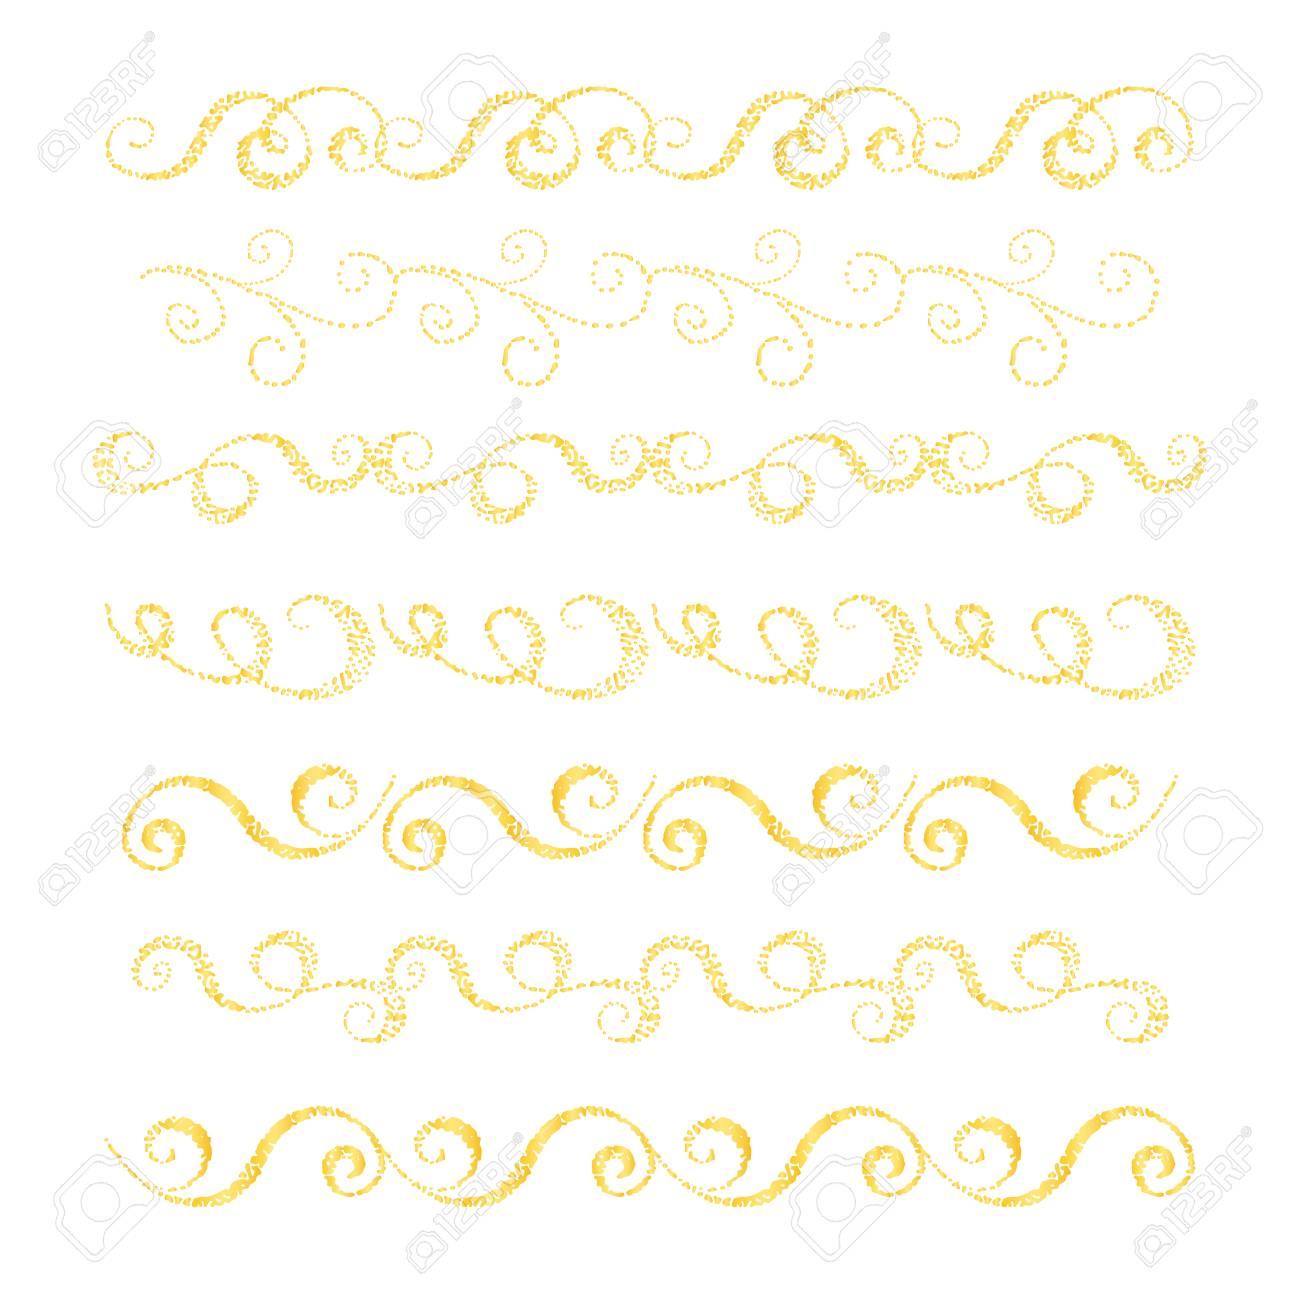 Conjunto De Bordes Dibujados A Mano Elemento De Diseño Para Tarjetas De Boda En Invitaciones Y Guardar Las Tarjetas De Fecha